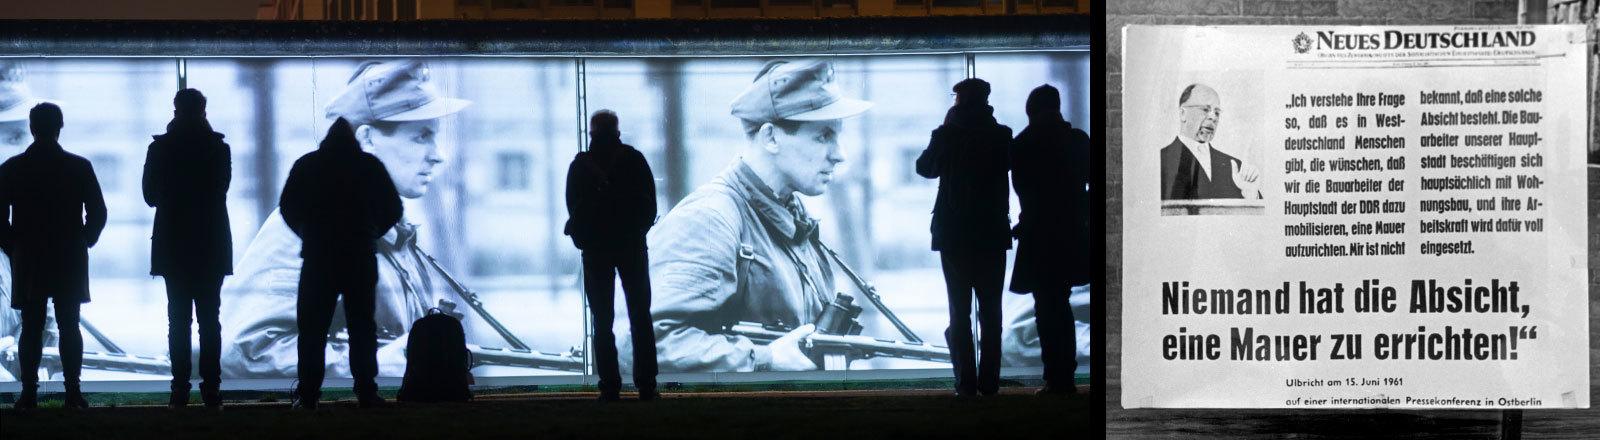 Projektionen auf der Berliner Mauer zum 30 Jahrestag des Mauerfalls